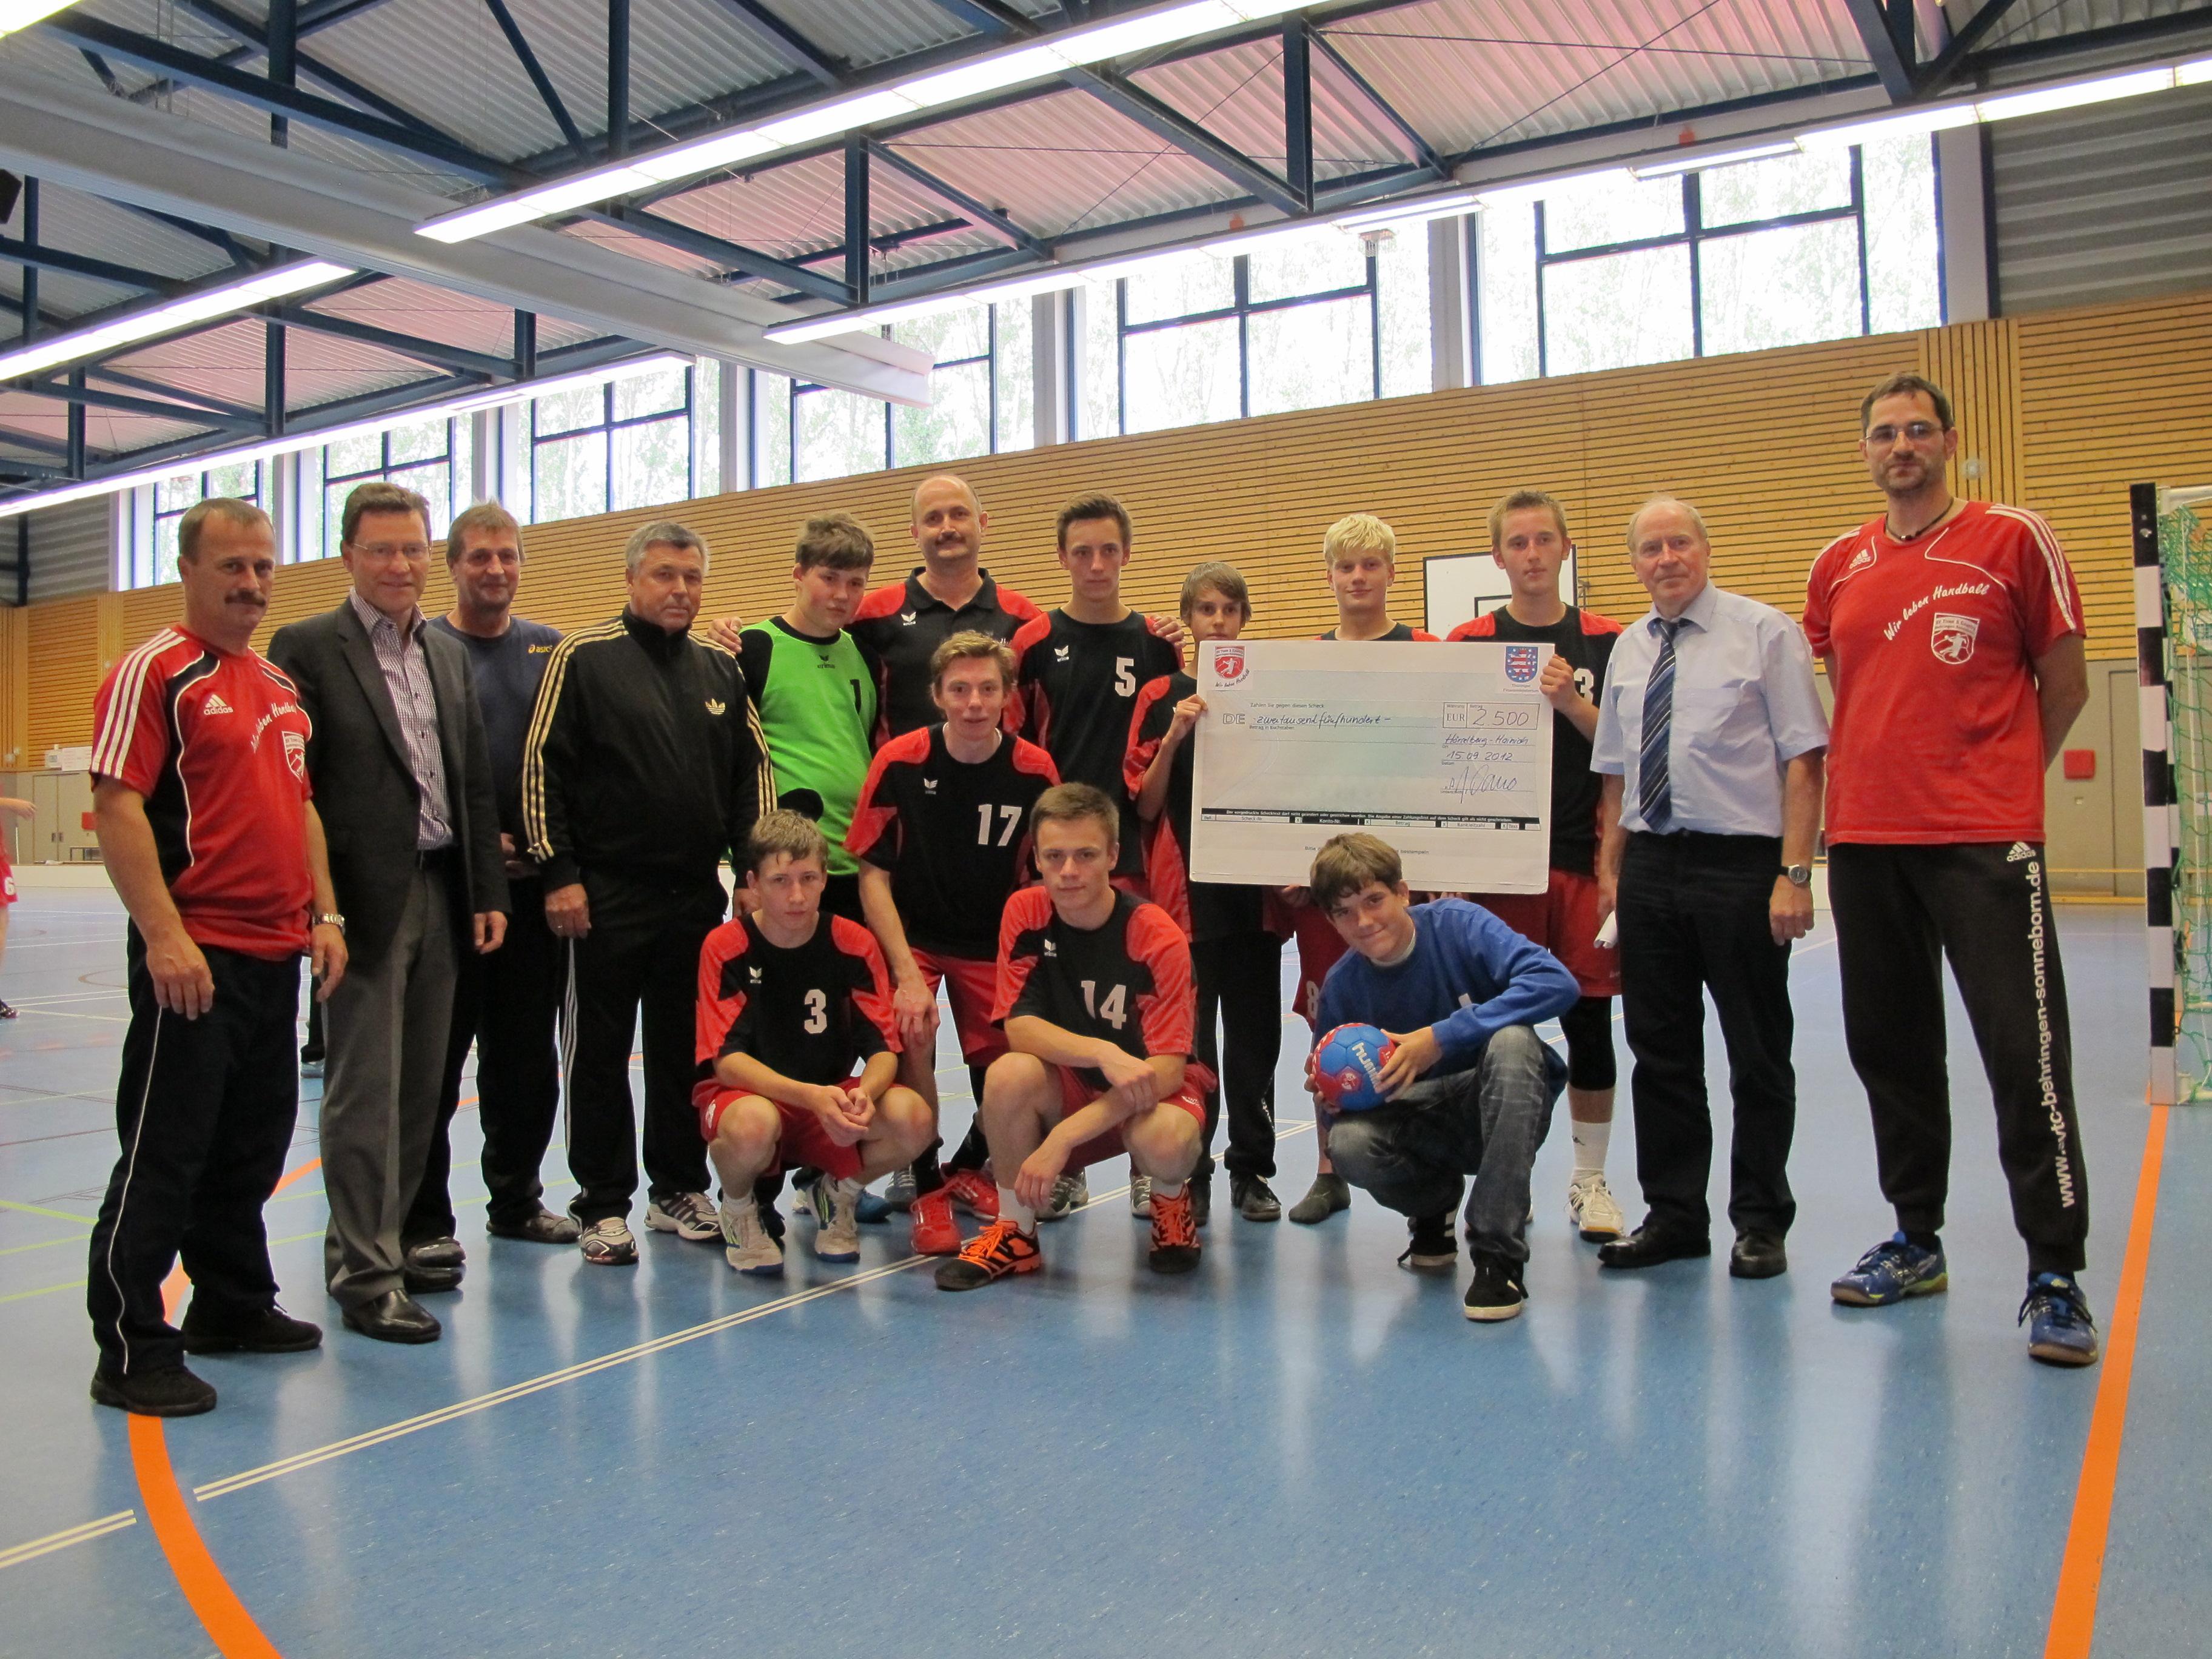 Scheck für Kinder- und Jugendarbeit  des SV Town & Country Behringen/Sonneborn übergeben